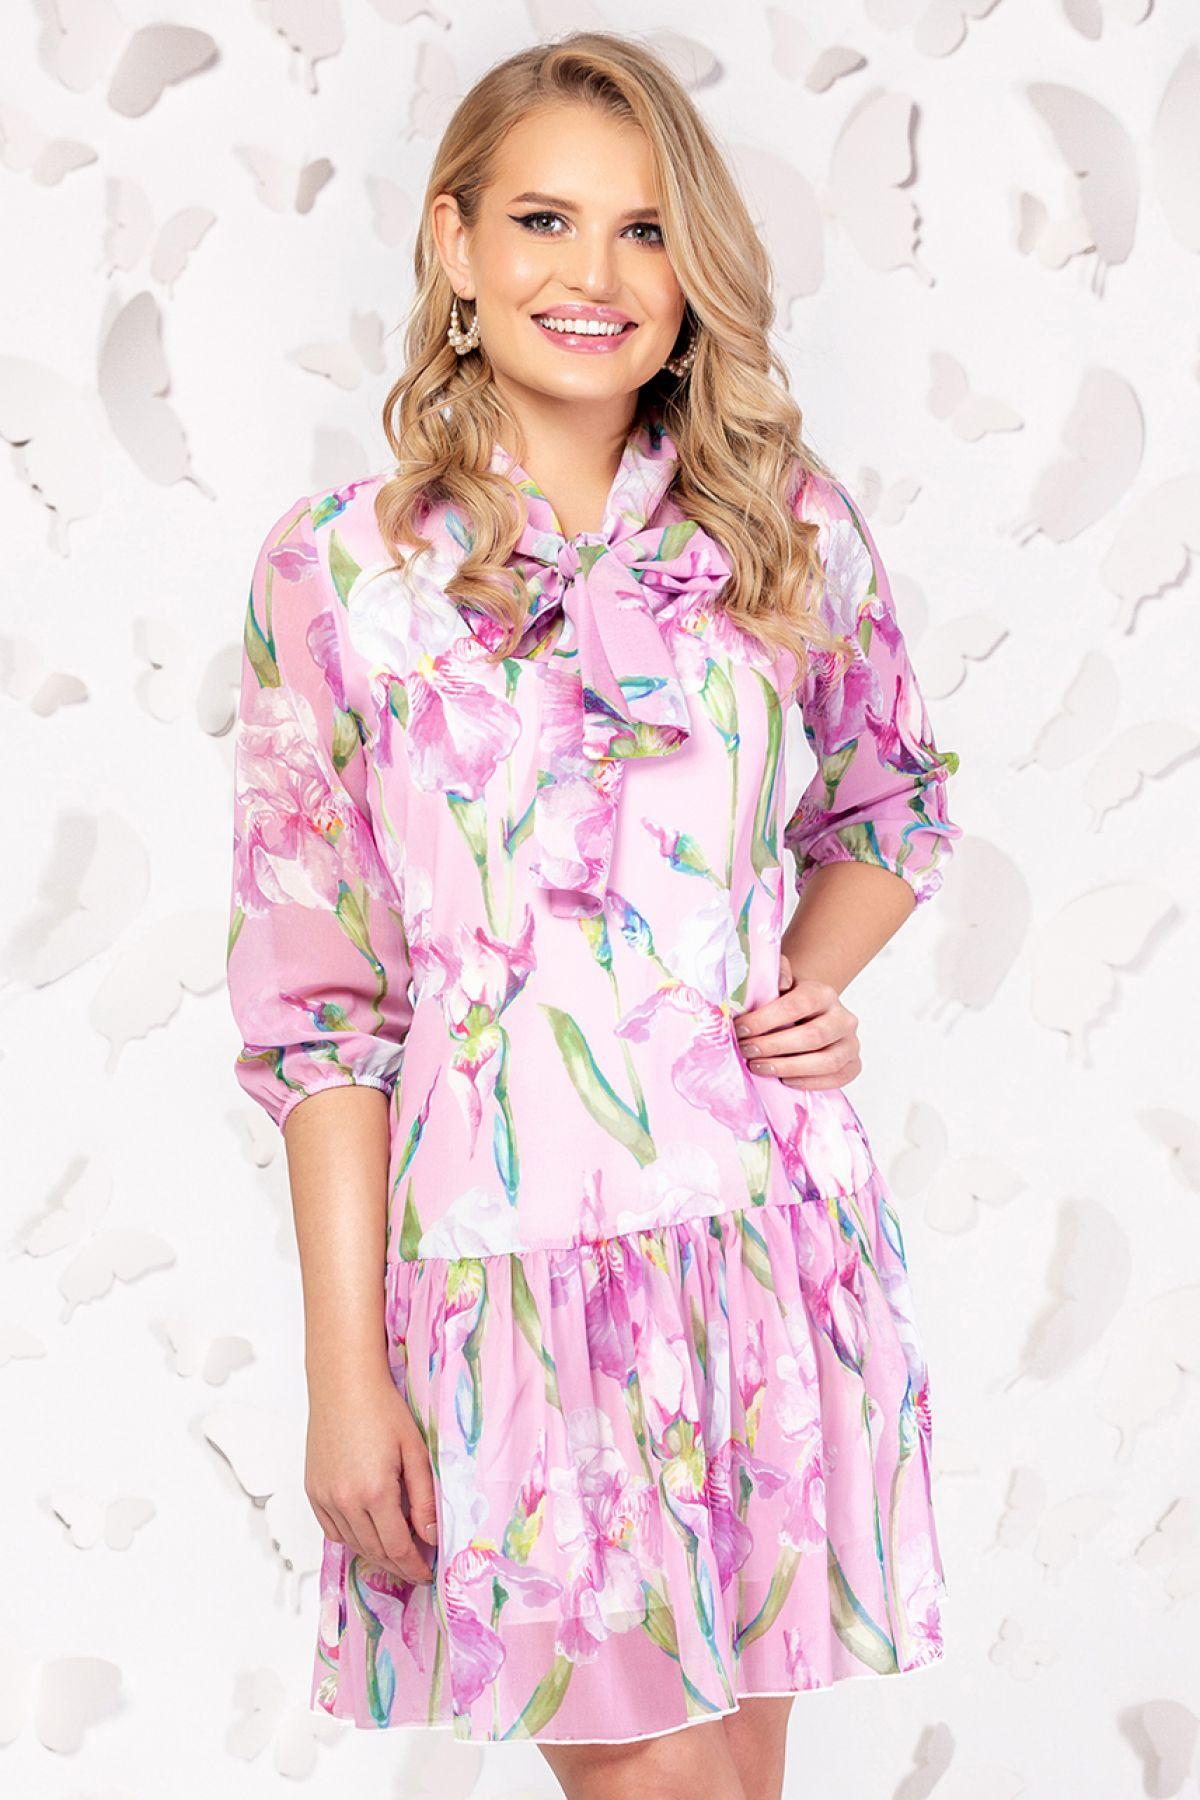 Rochie Pretty Girl roz din voal cu print floral si guler tip esarfa Pretty-Girl